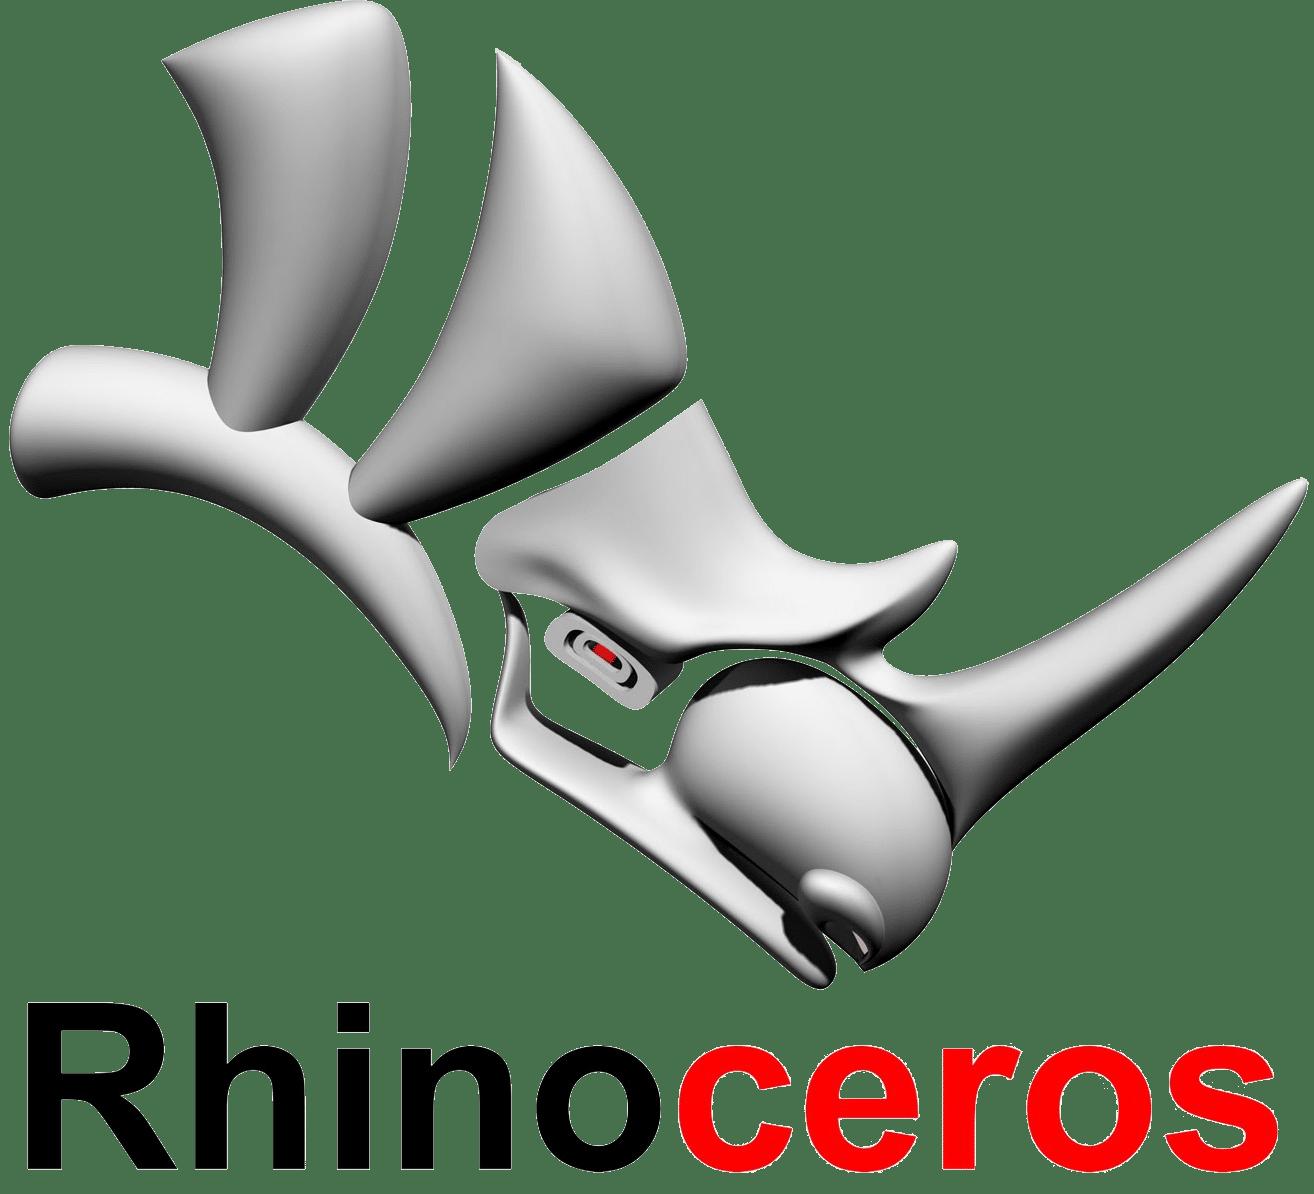 logo software rhinoceros per modellazione 3D